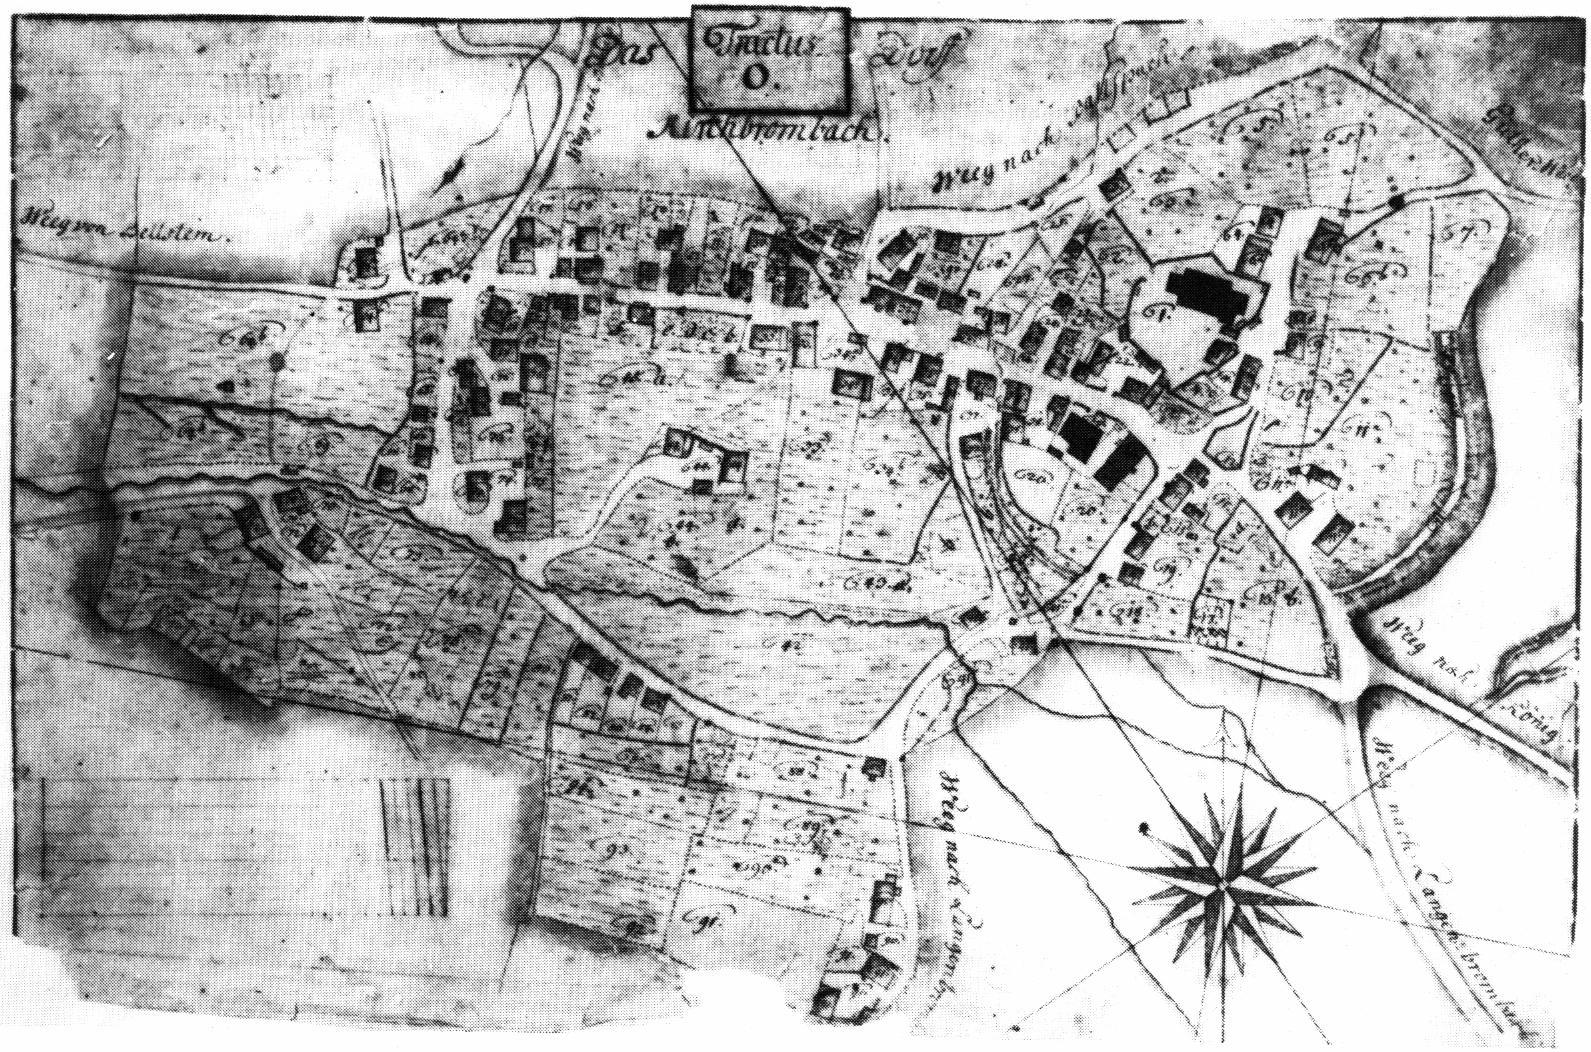 Ortsplan von Kirch-Brombach aus dem Jahre 1757